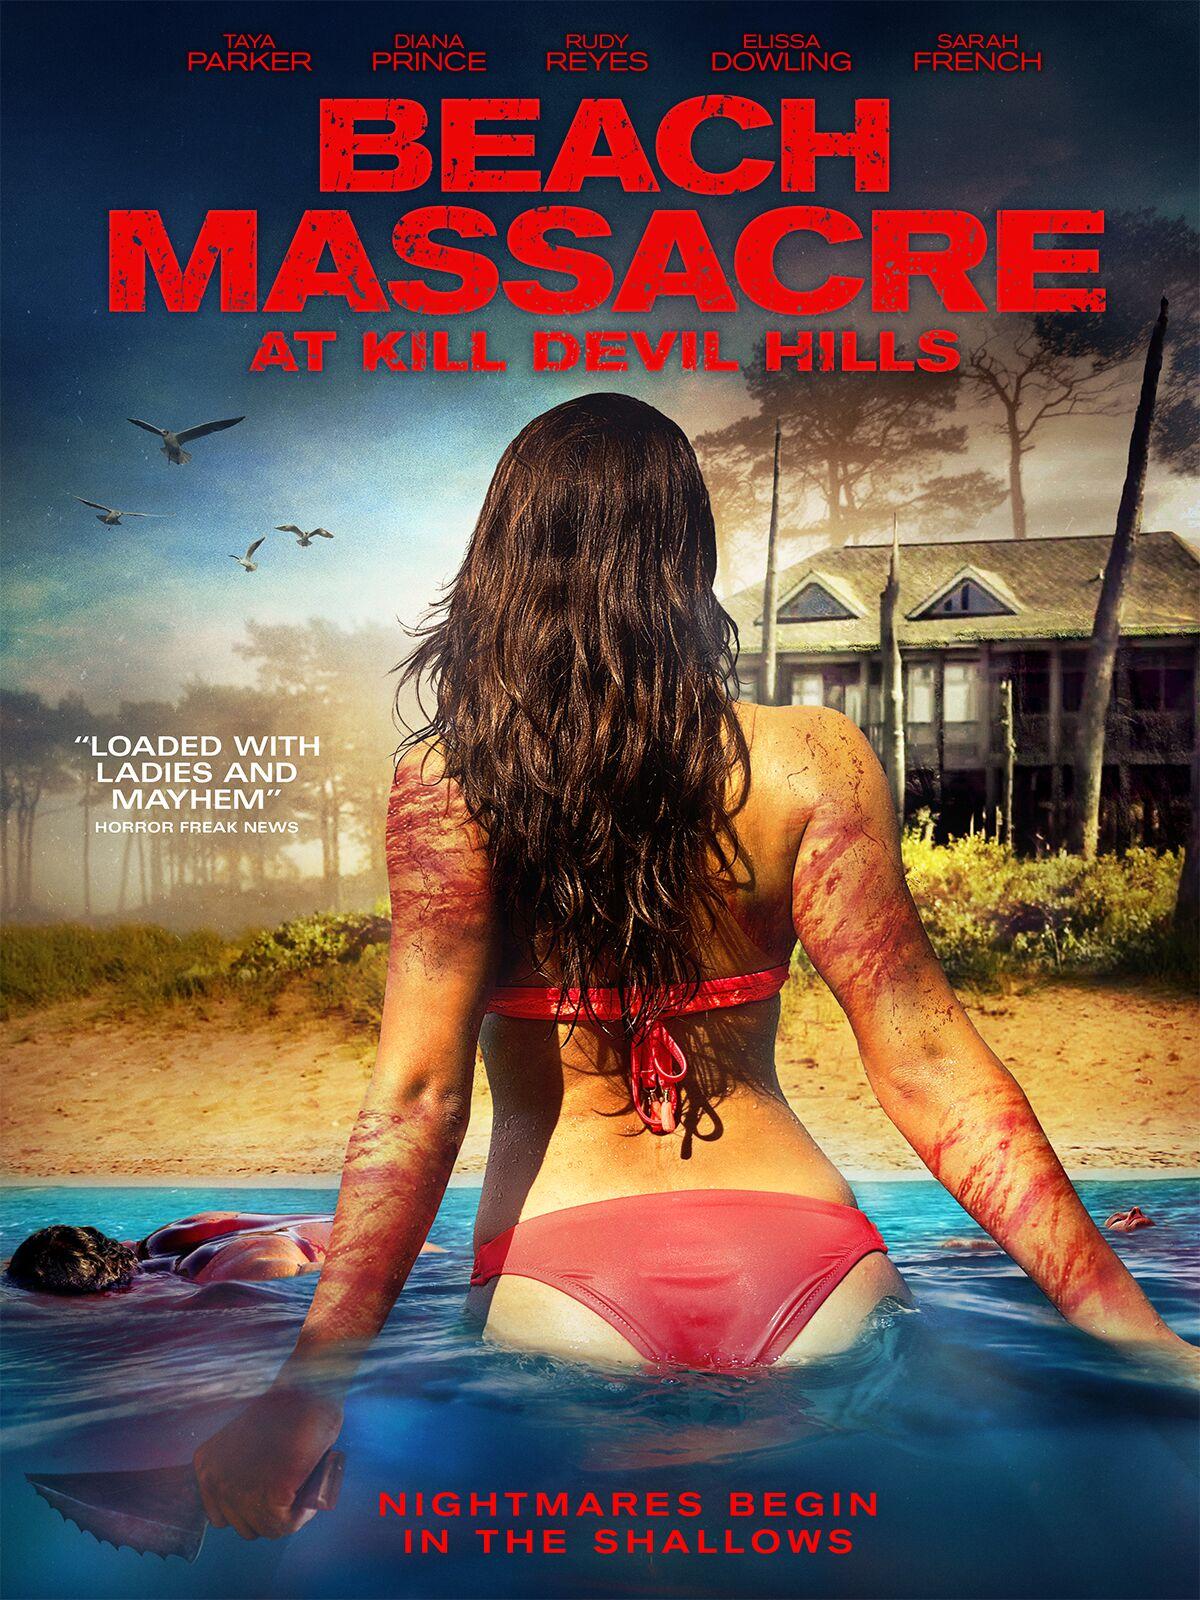 [18+] Beach Massacre at Kill Devil Hills (2016) UNRATED HD DVDRip 480p Full Movie